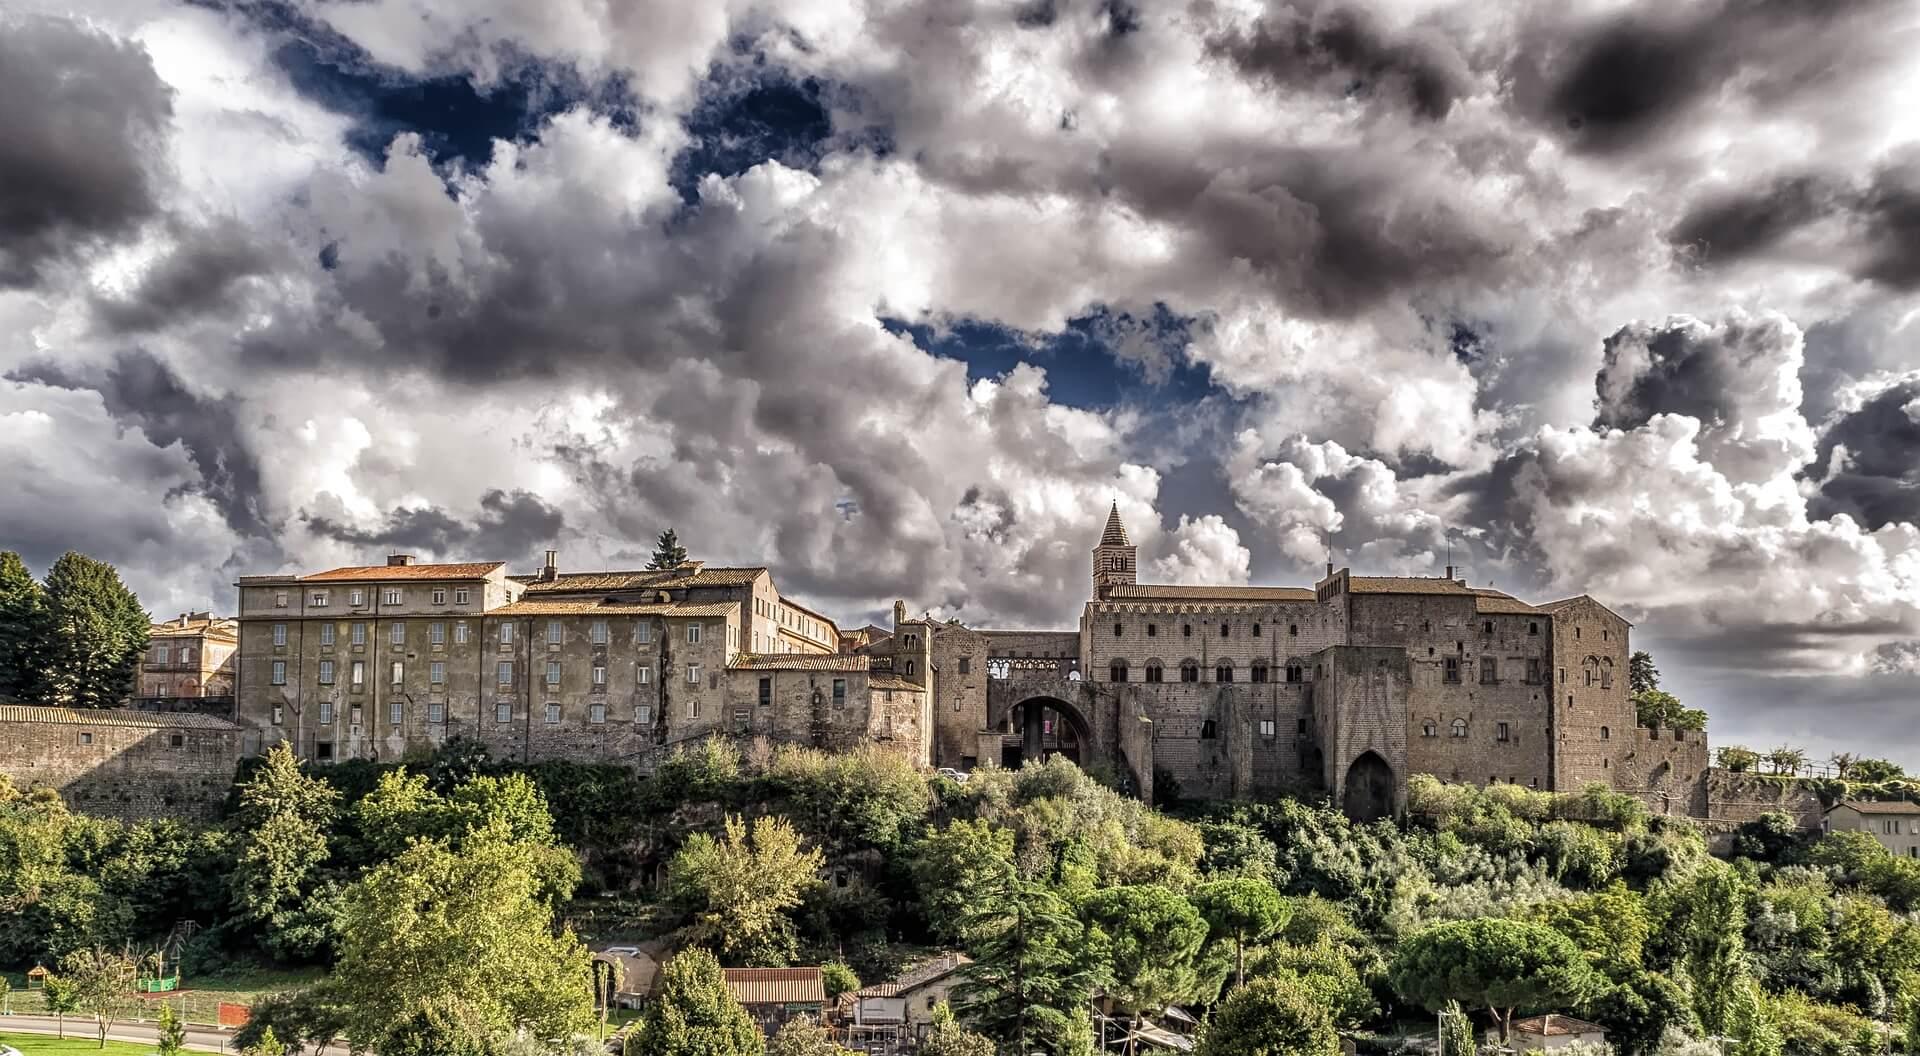 Papstpalast unter dunklen Wolken